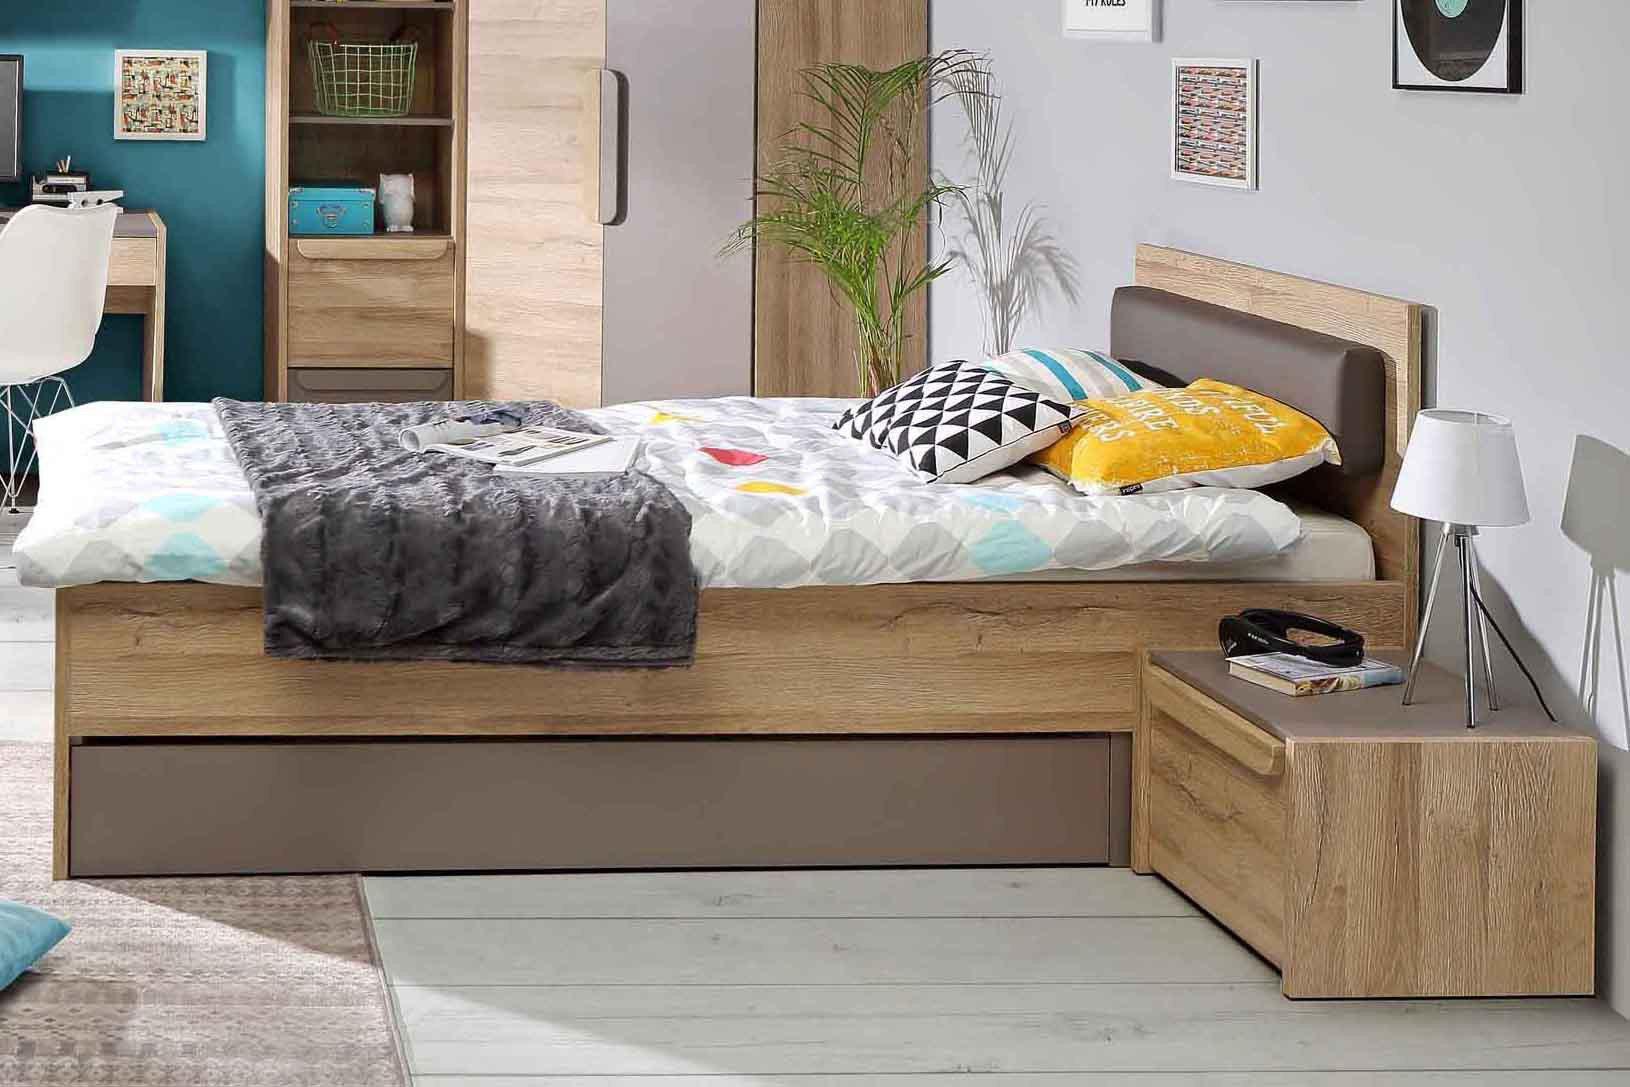 Fabelhaft Jugendbett Sammlung Von Malakka Von Forte - Mit Kopfteilpolster Eiche